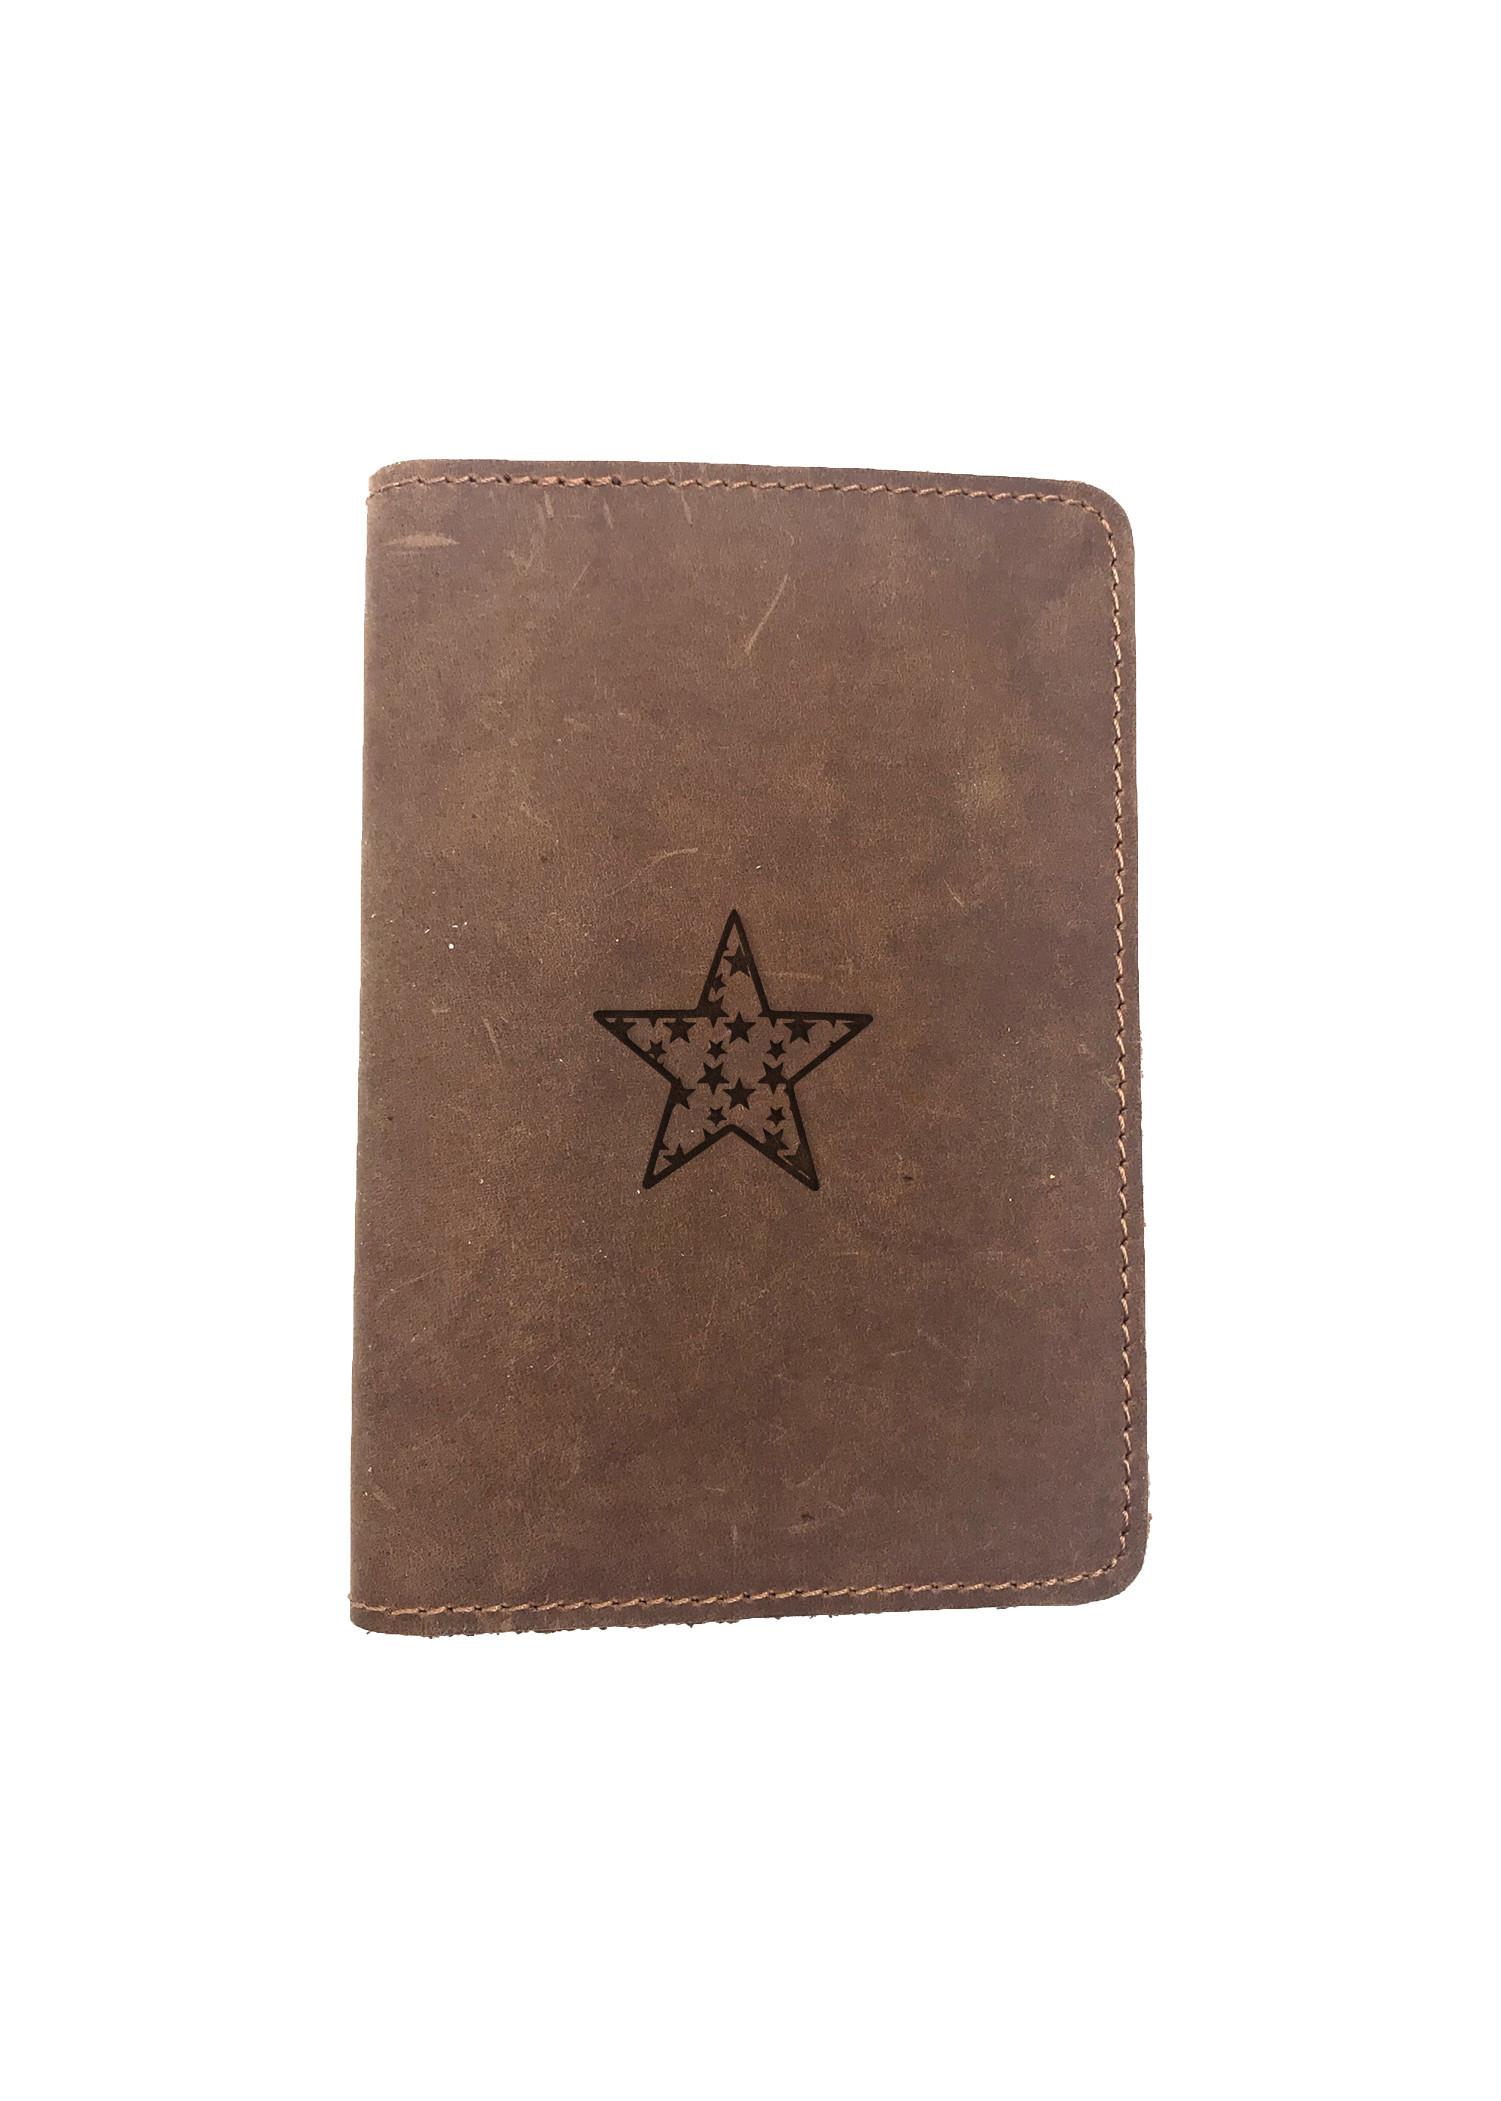 Passport Cover Bao Da Hộ Chiếu Da Sáp Khắc Hình Ngôi sao STAR (BROWN)